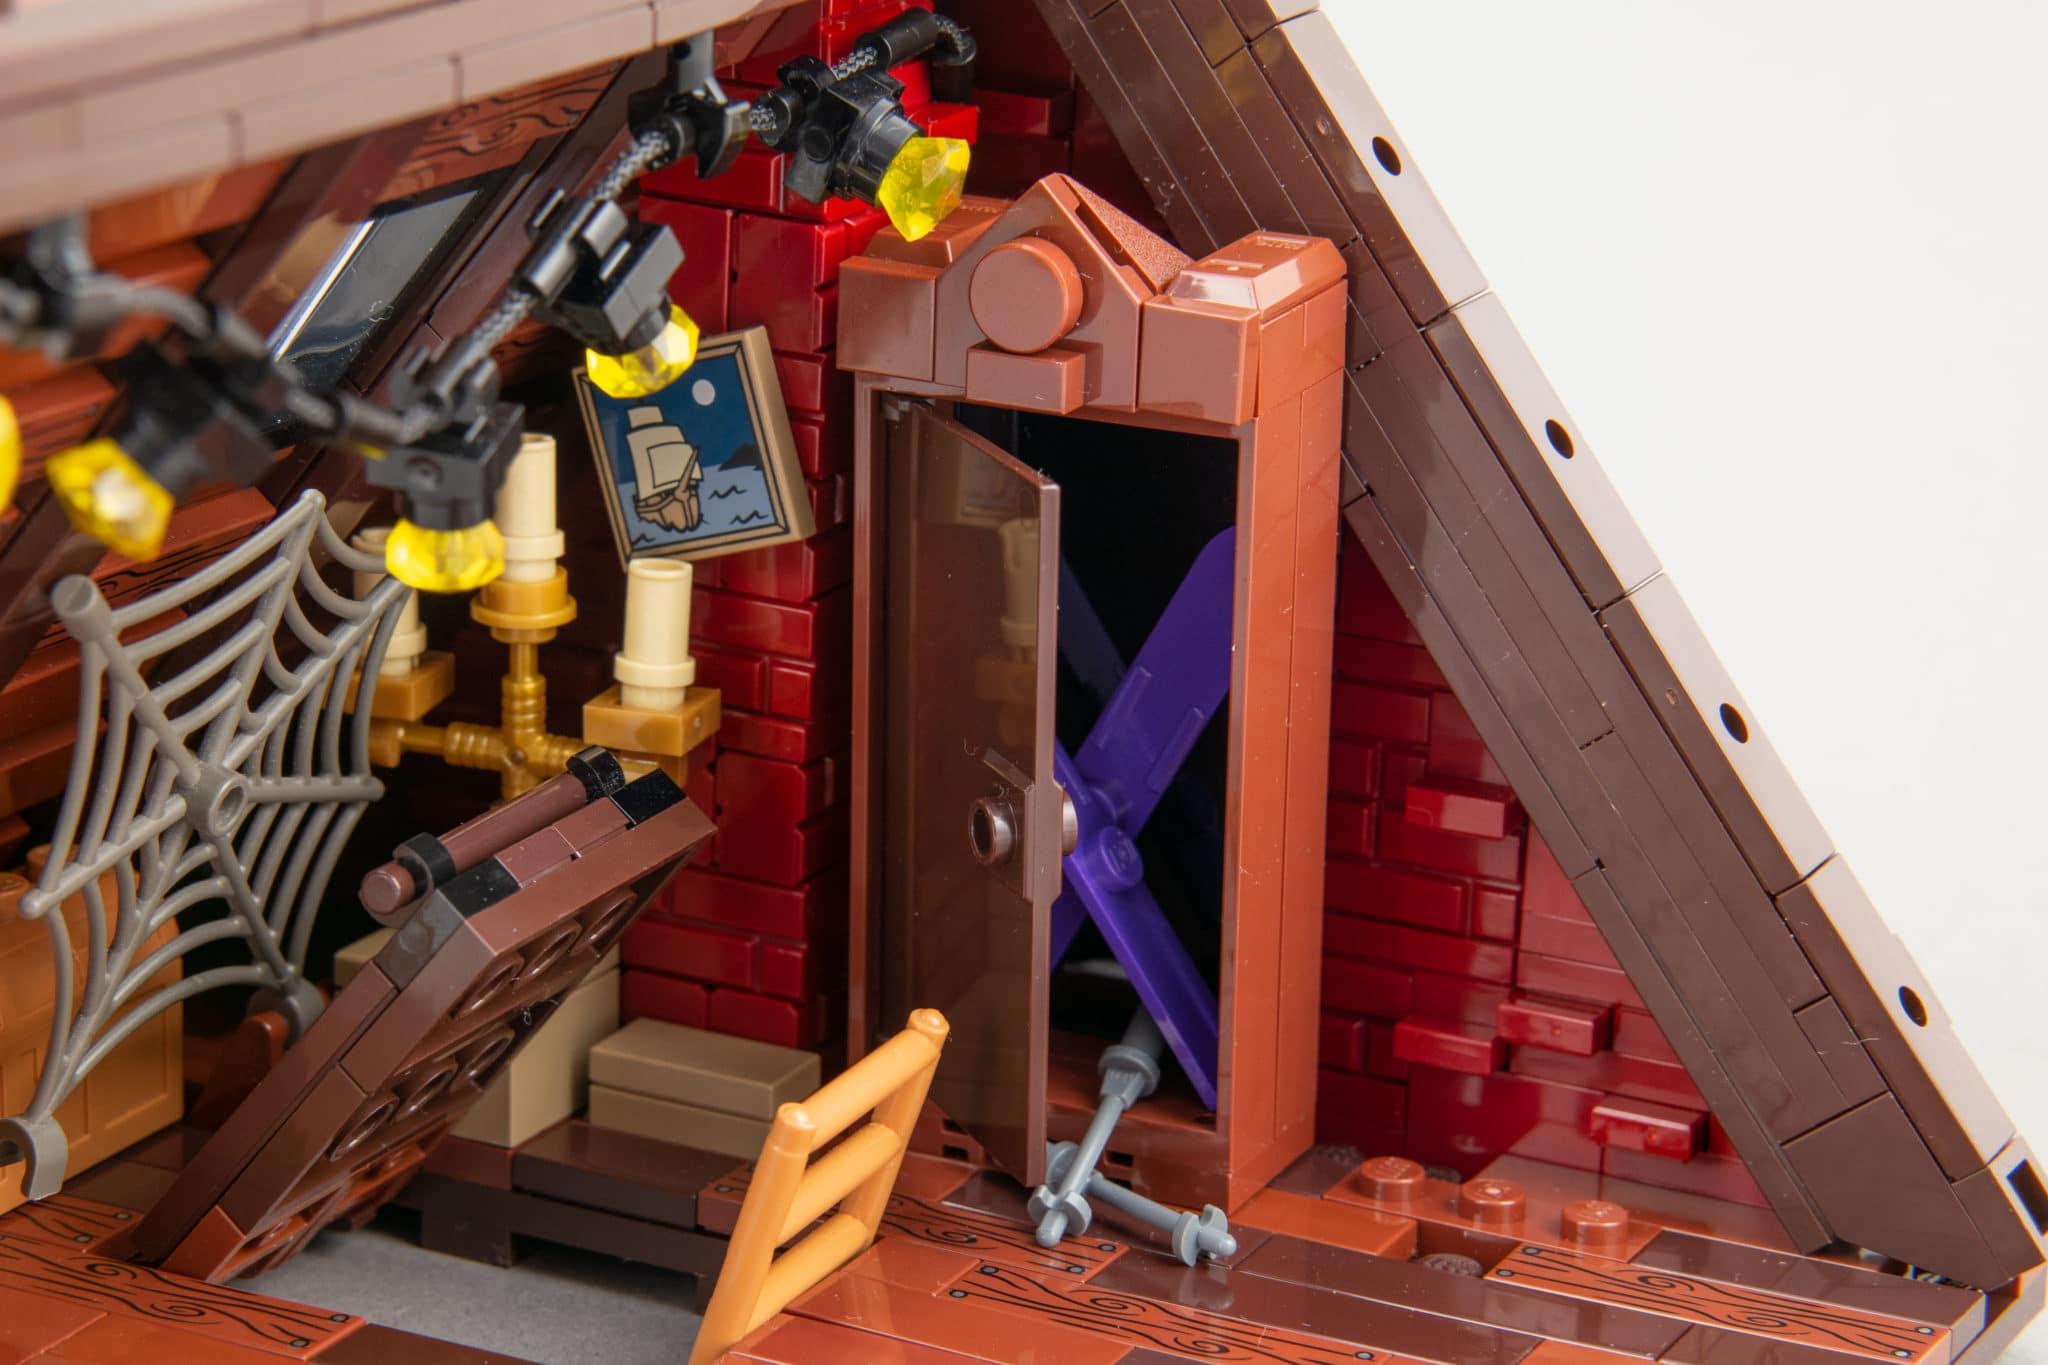 LEGO Moc Dachboden (17)